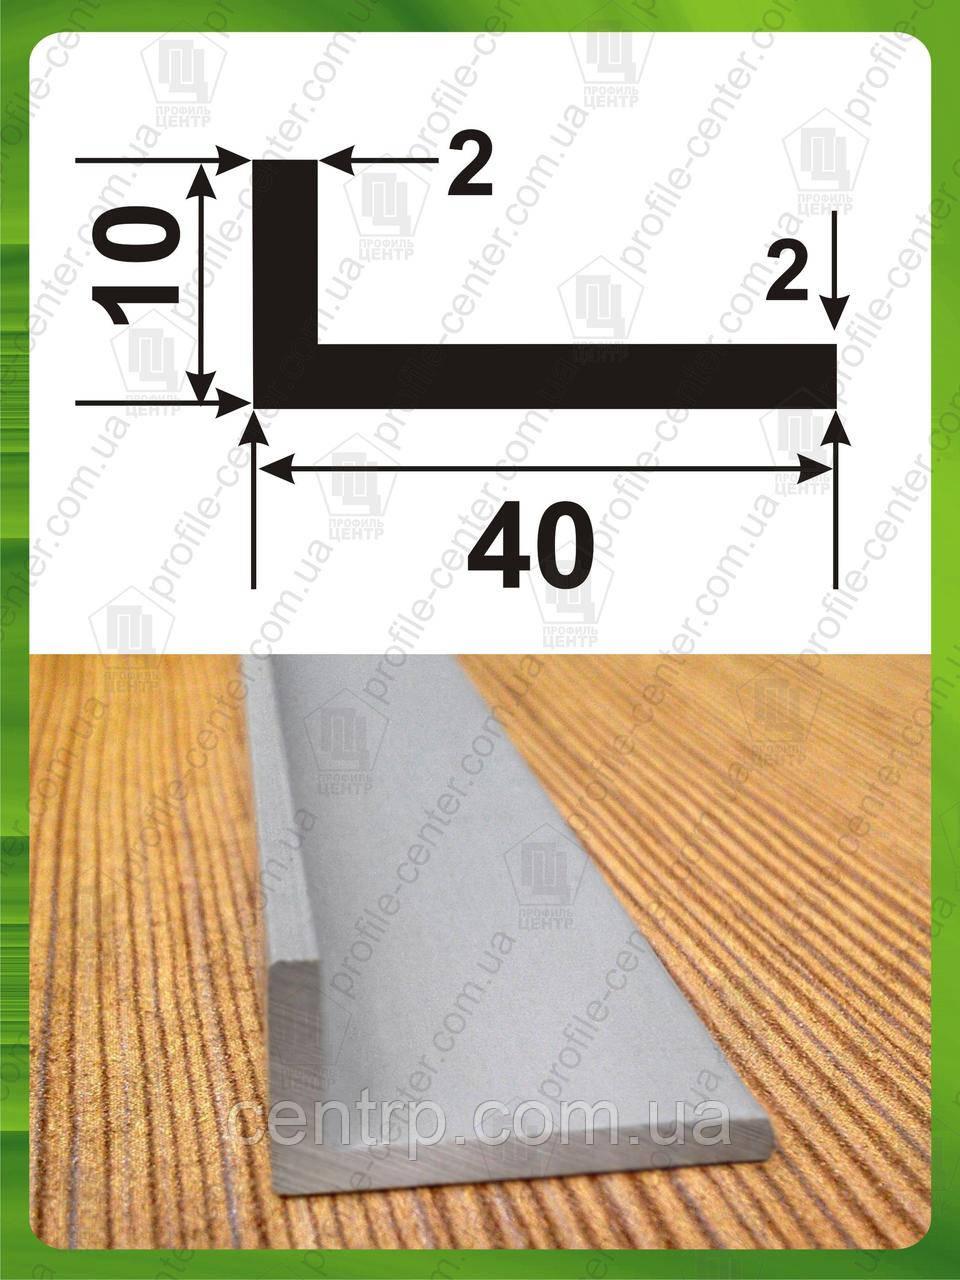 Уголок алюминиевый 40х10х2 разнополочный разносторонний